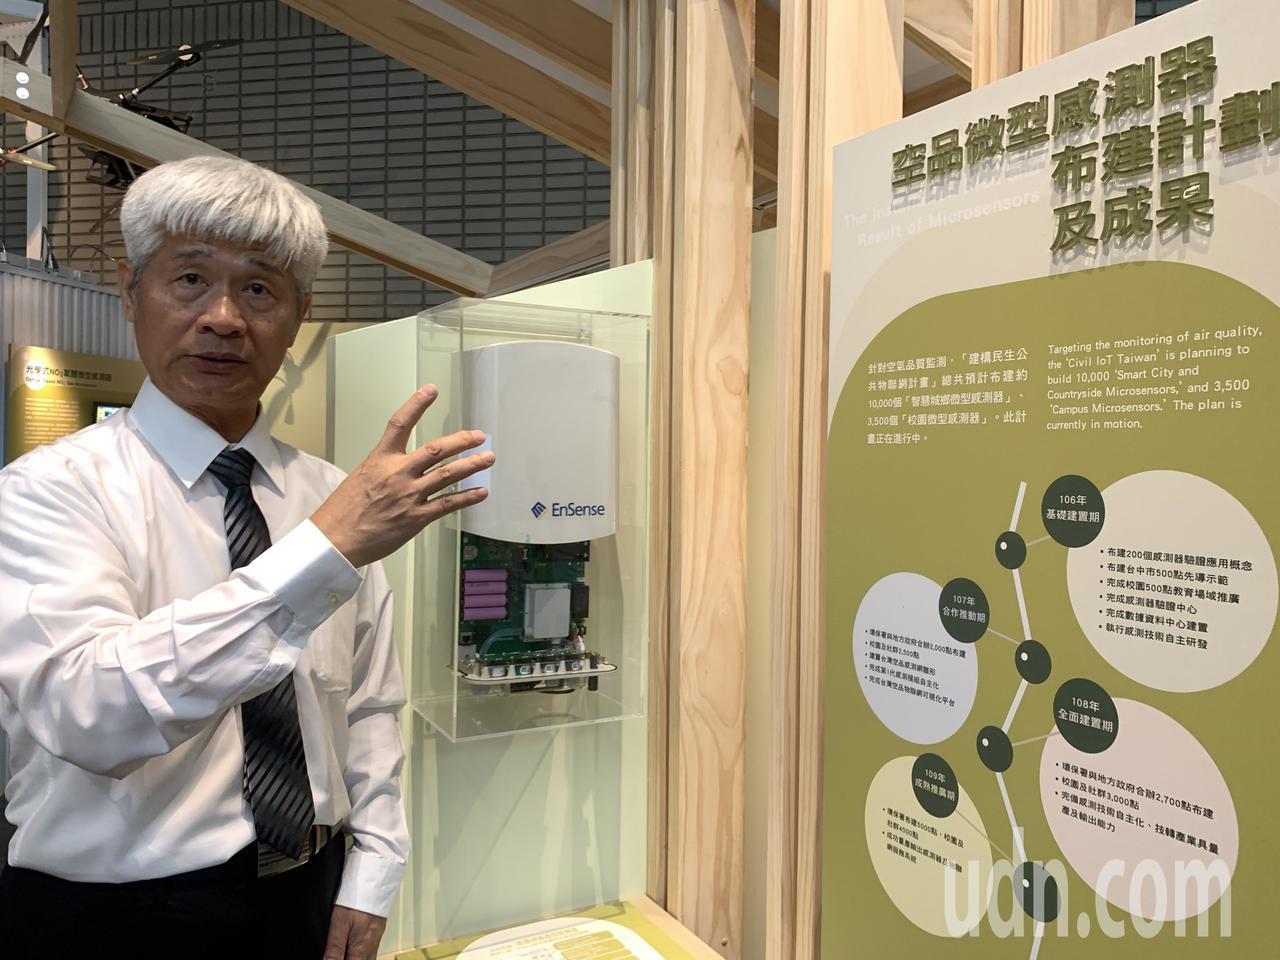 民生公共物聯網召集人 、清大教授呂忠津說,目前環保署已全台建置6千個「微型感測器...